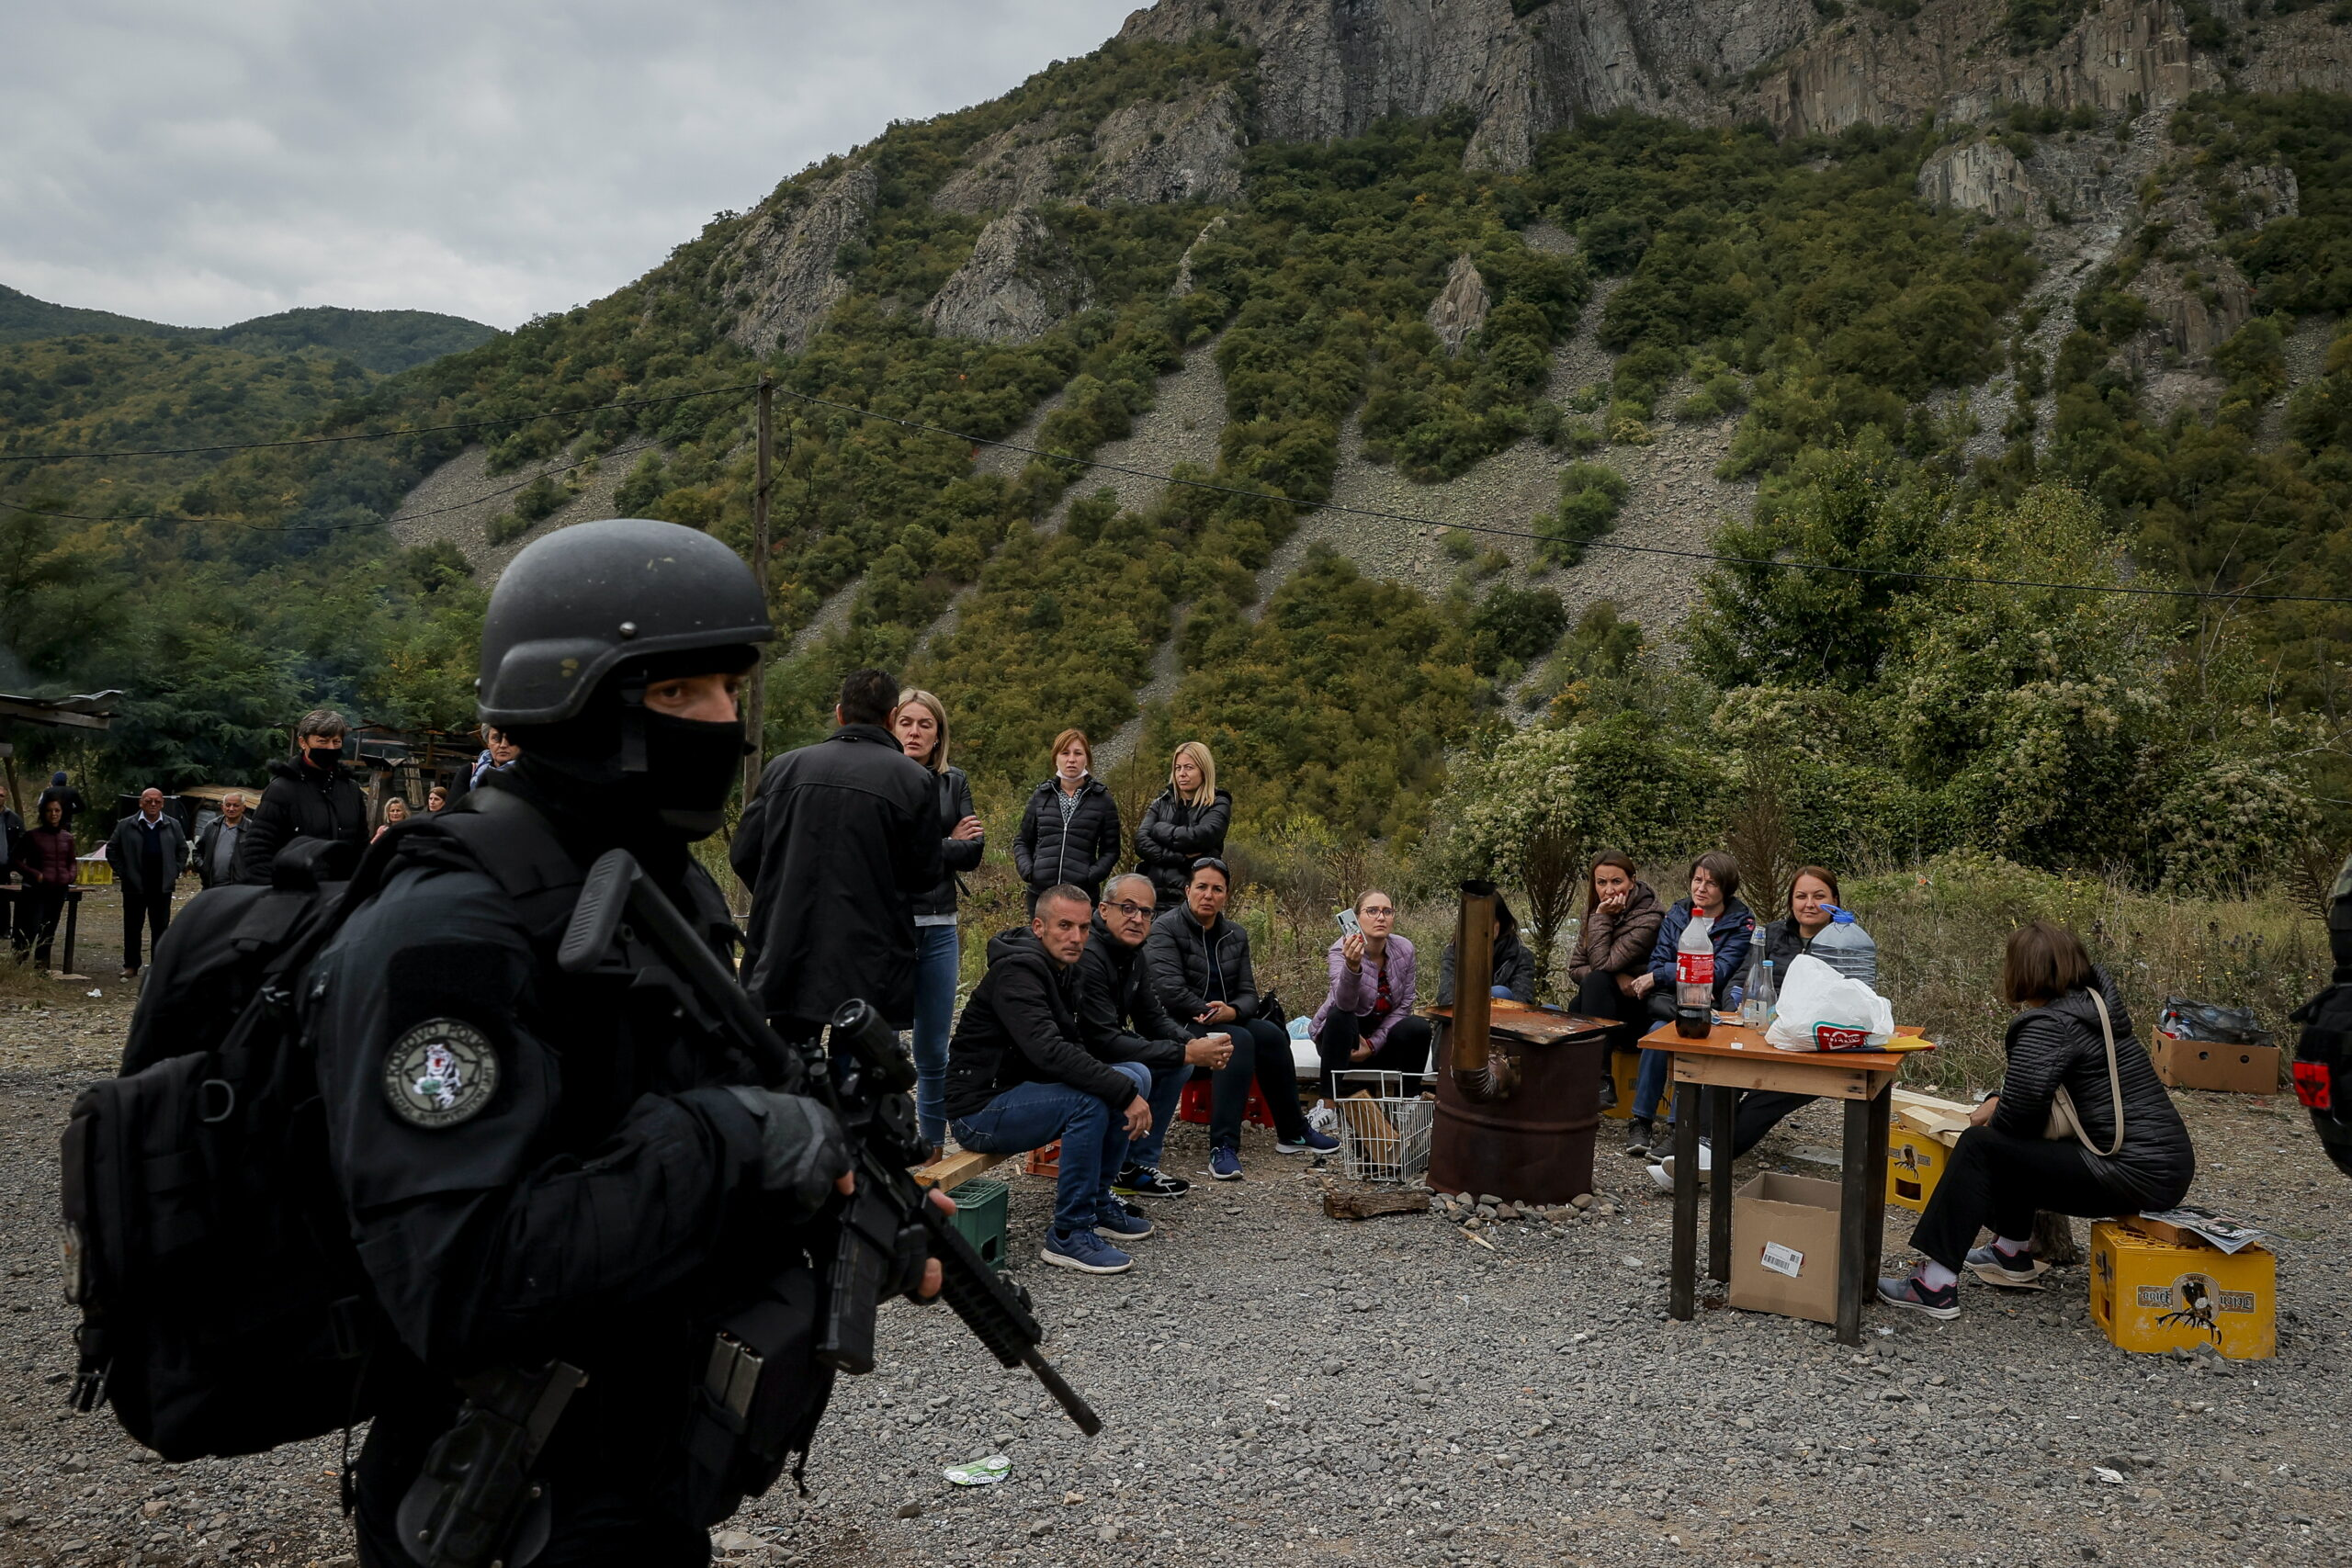 Lelőttek egy szerbet Koszovóban – Szerbia a NATO-hoz fordul